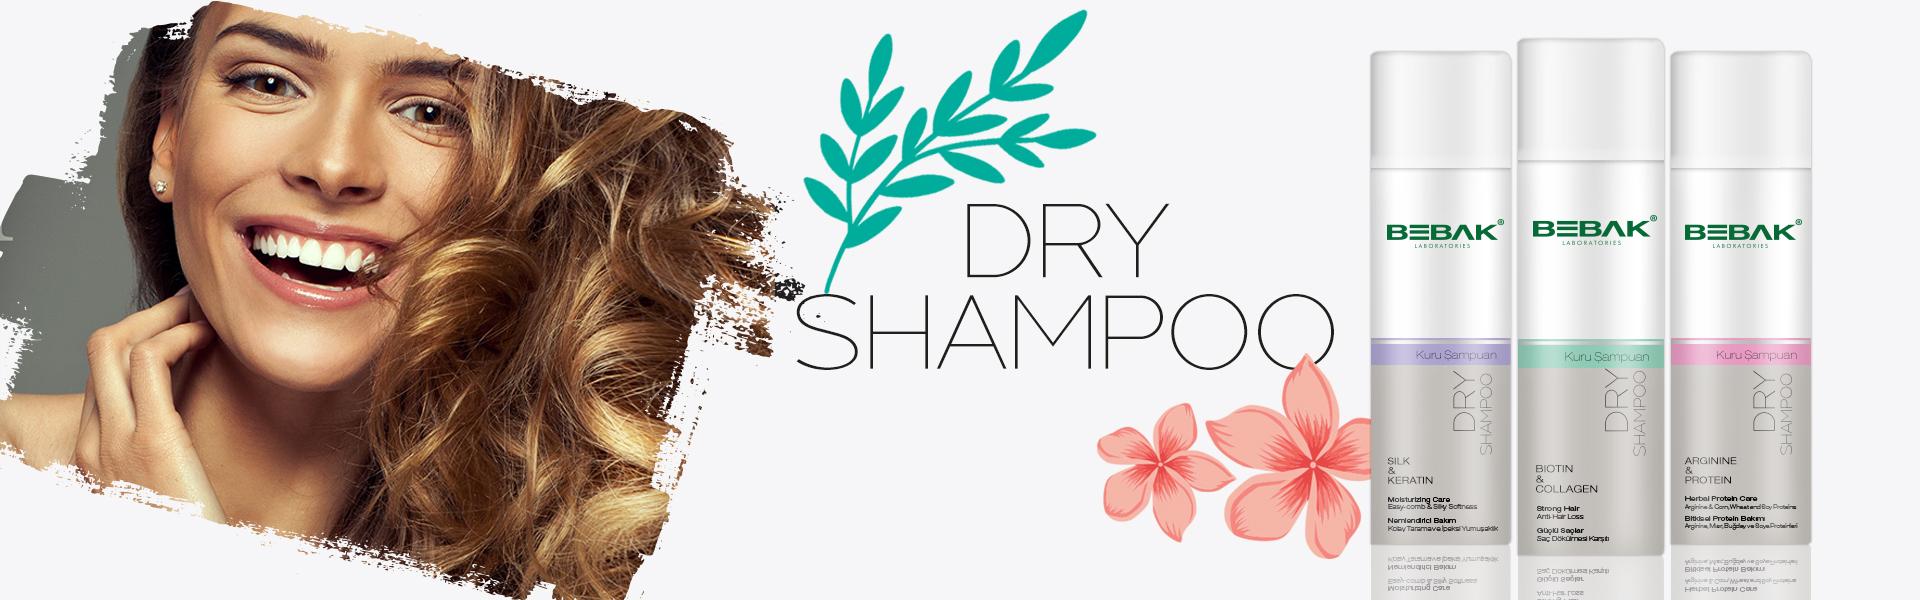 Bebak Dry Shampoo